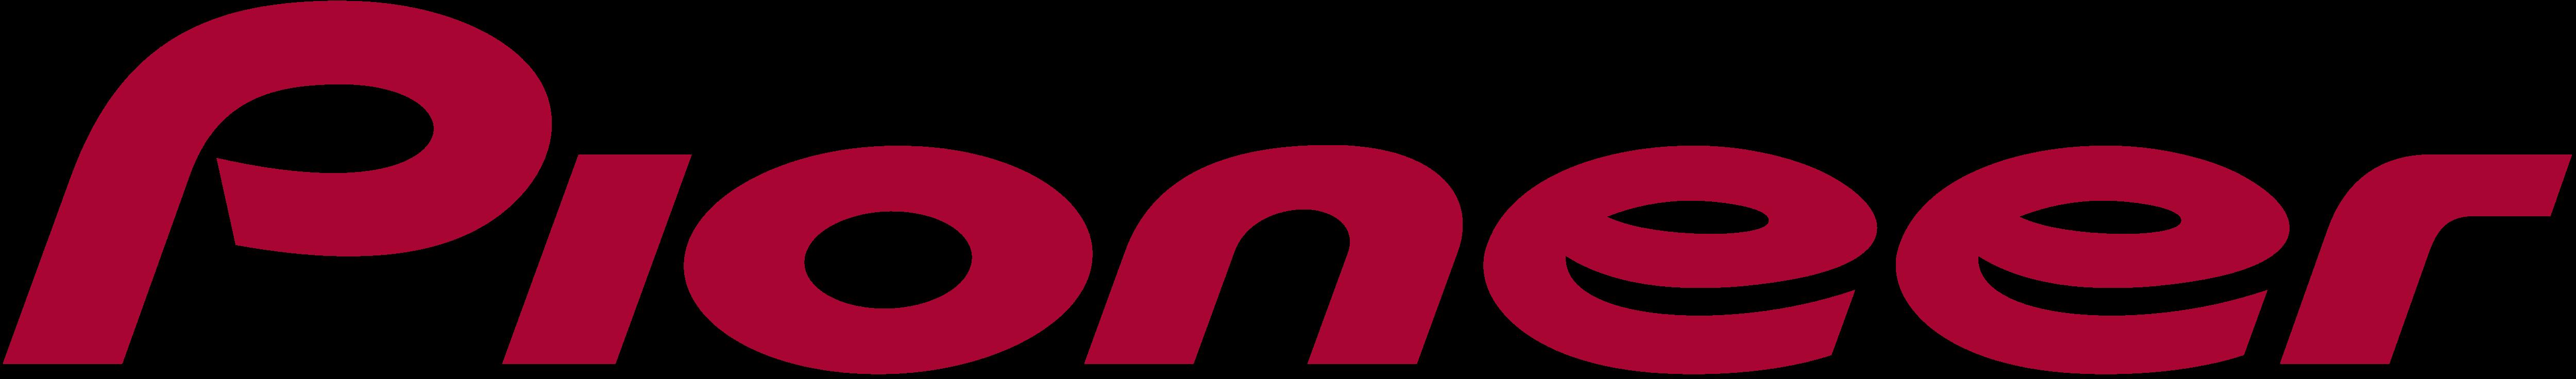 Bildergebnis für pioneer car audio logo